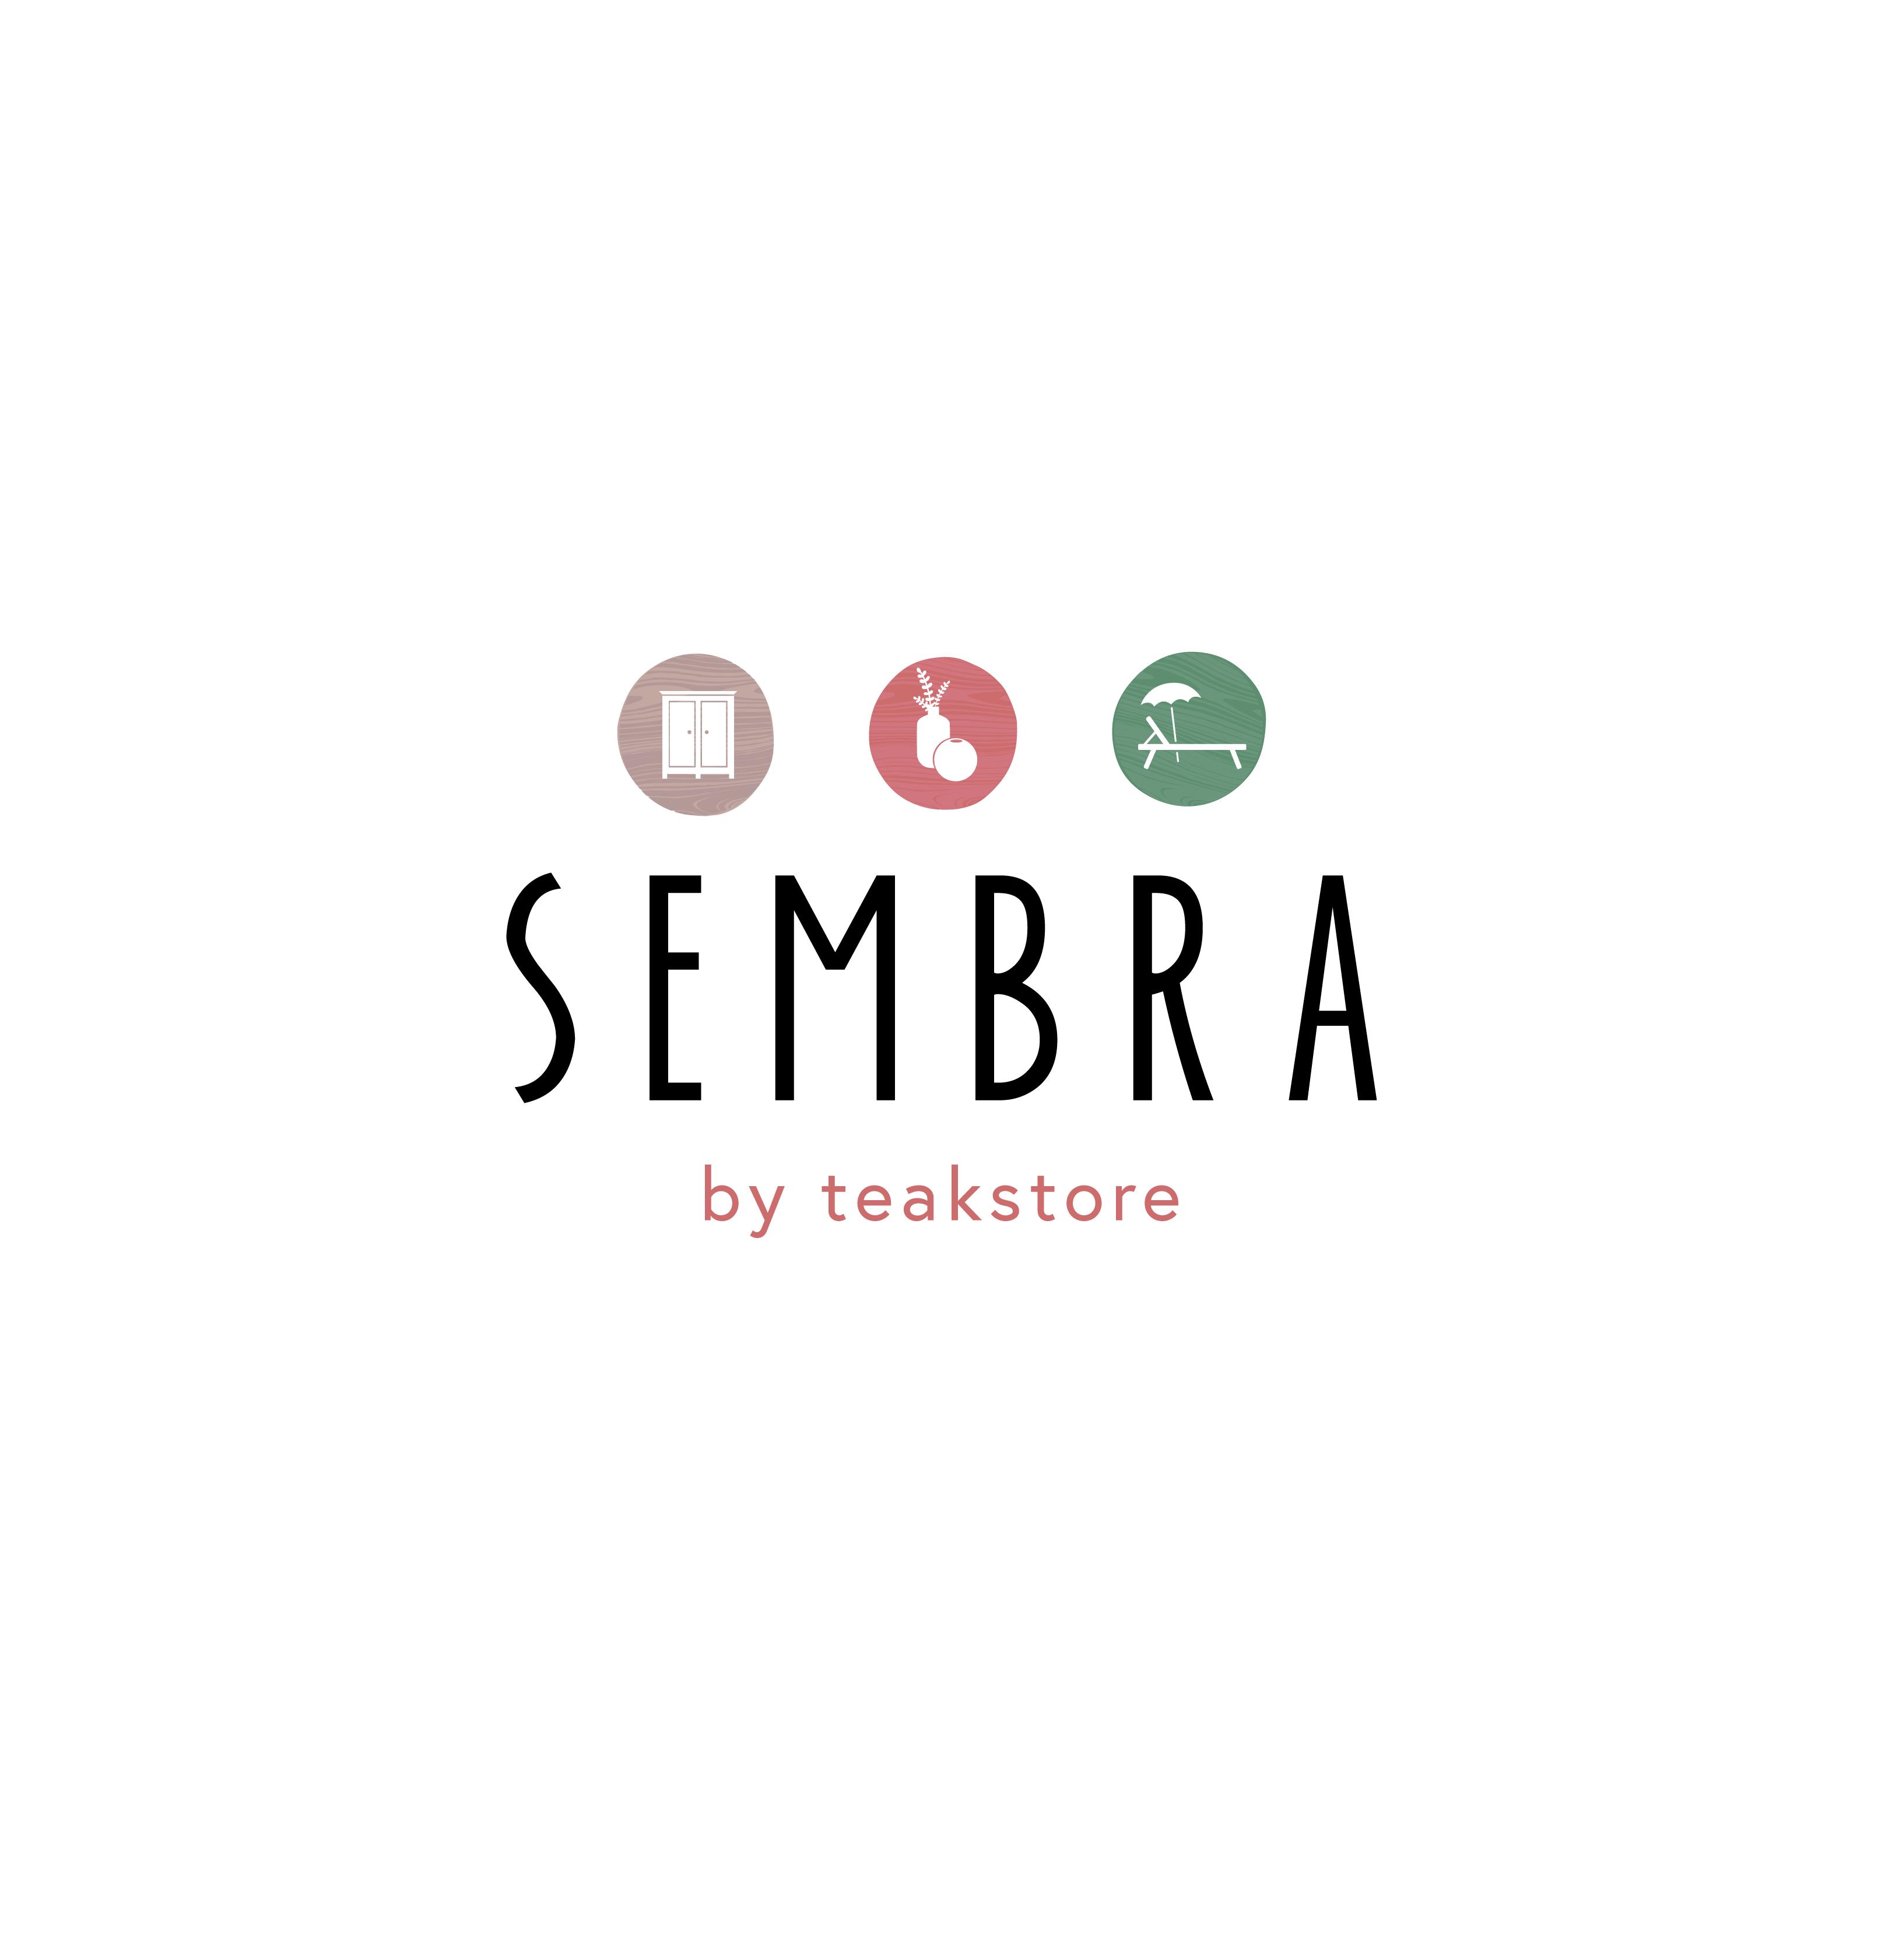 SEMBRA